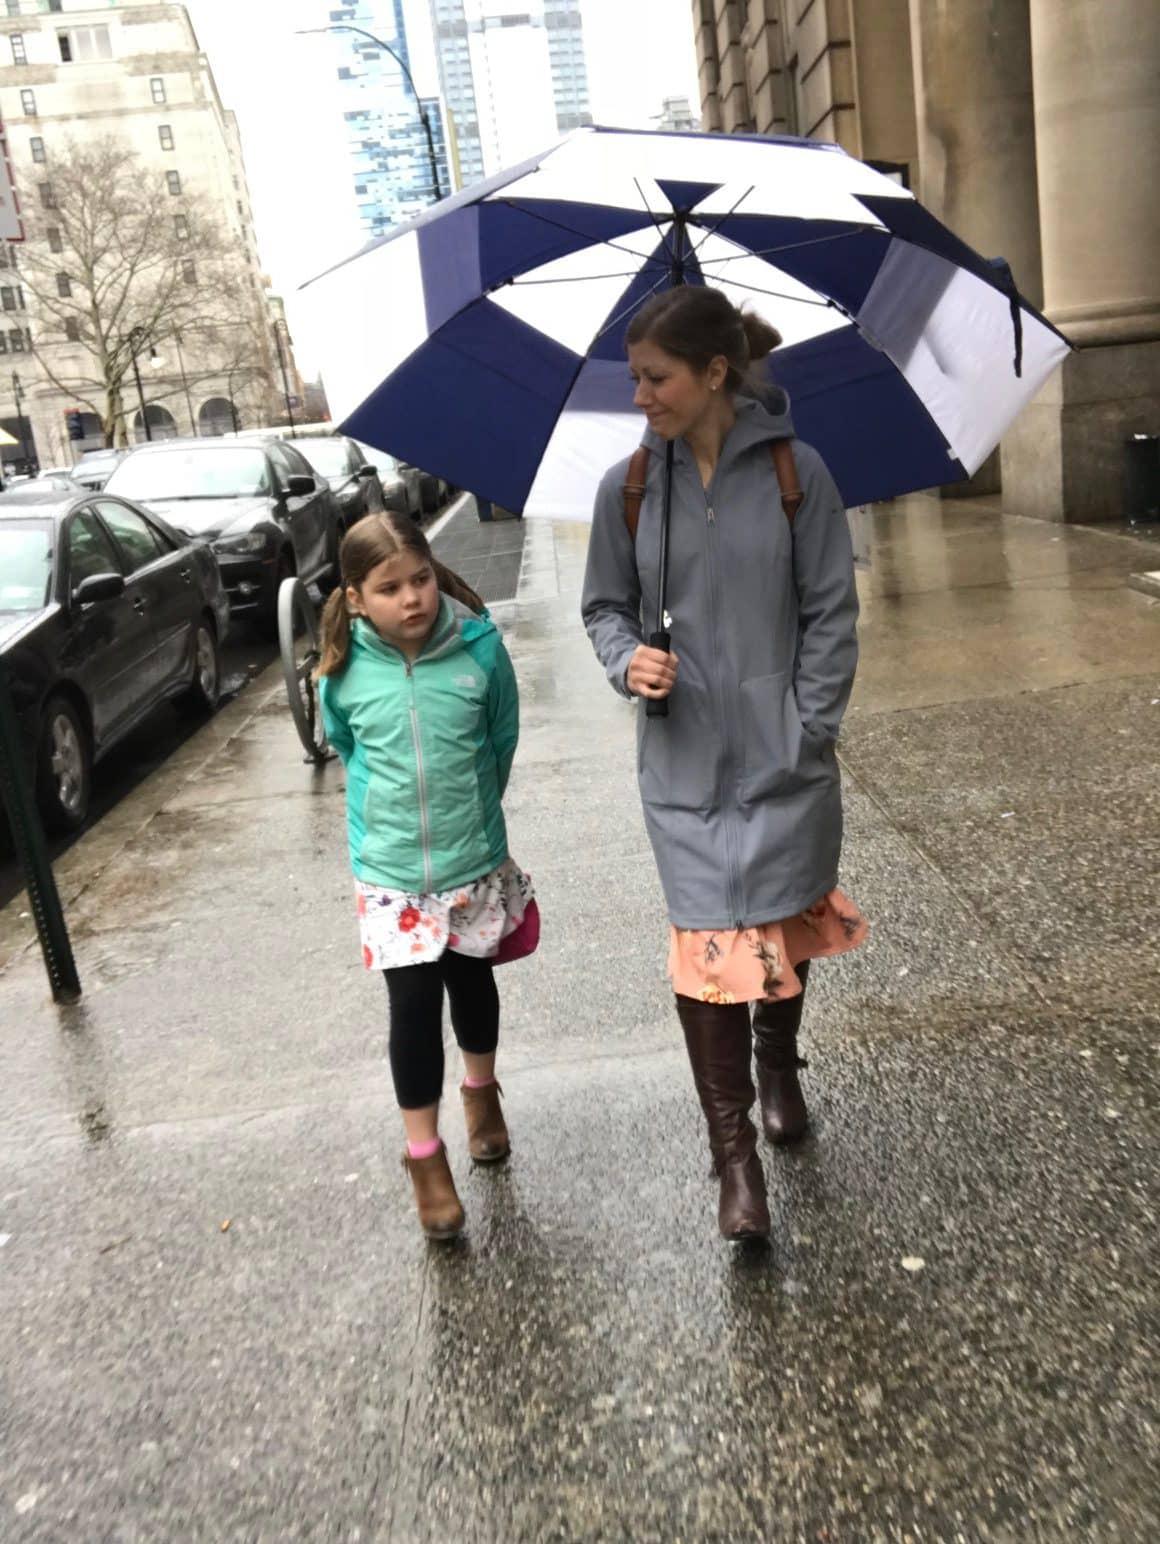 Lauren and Brooke in the rain